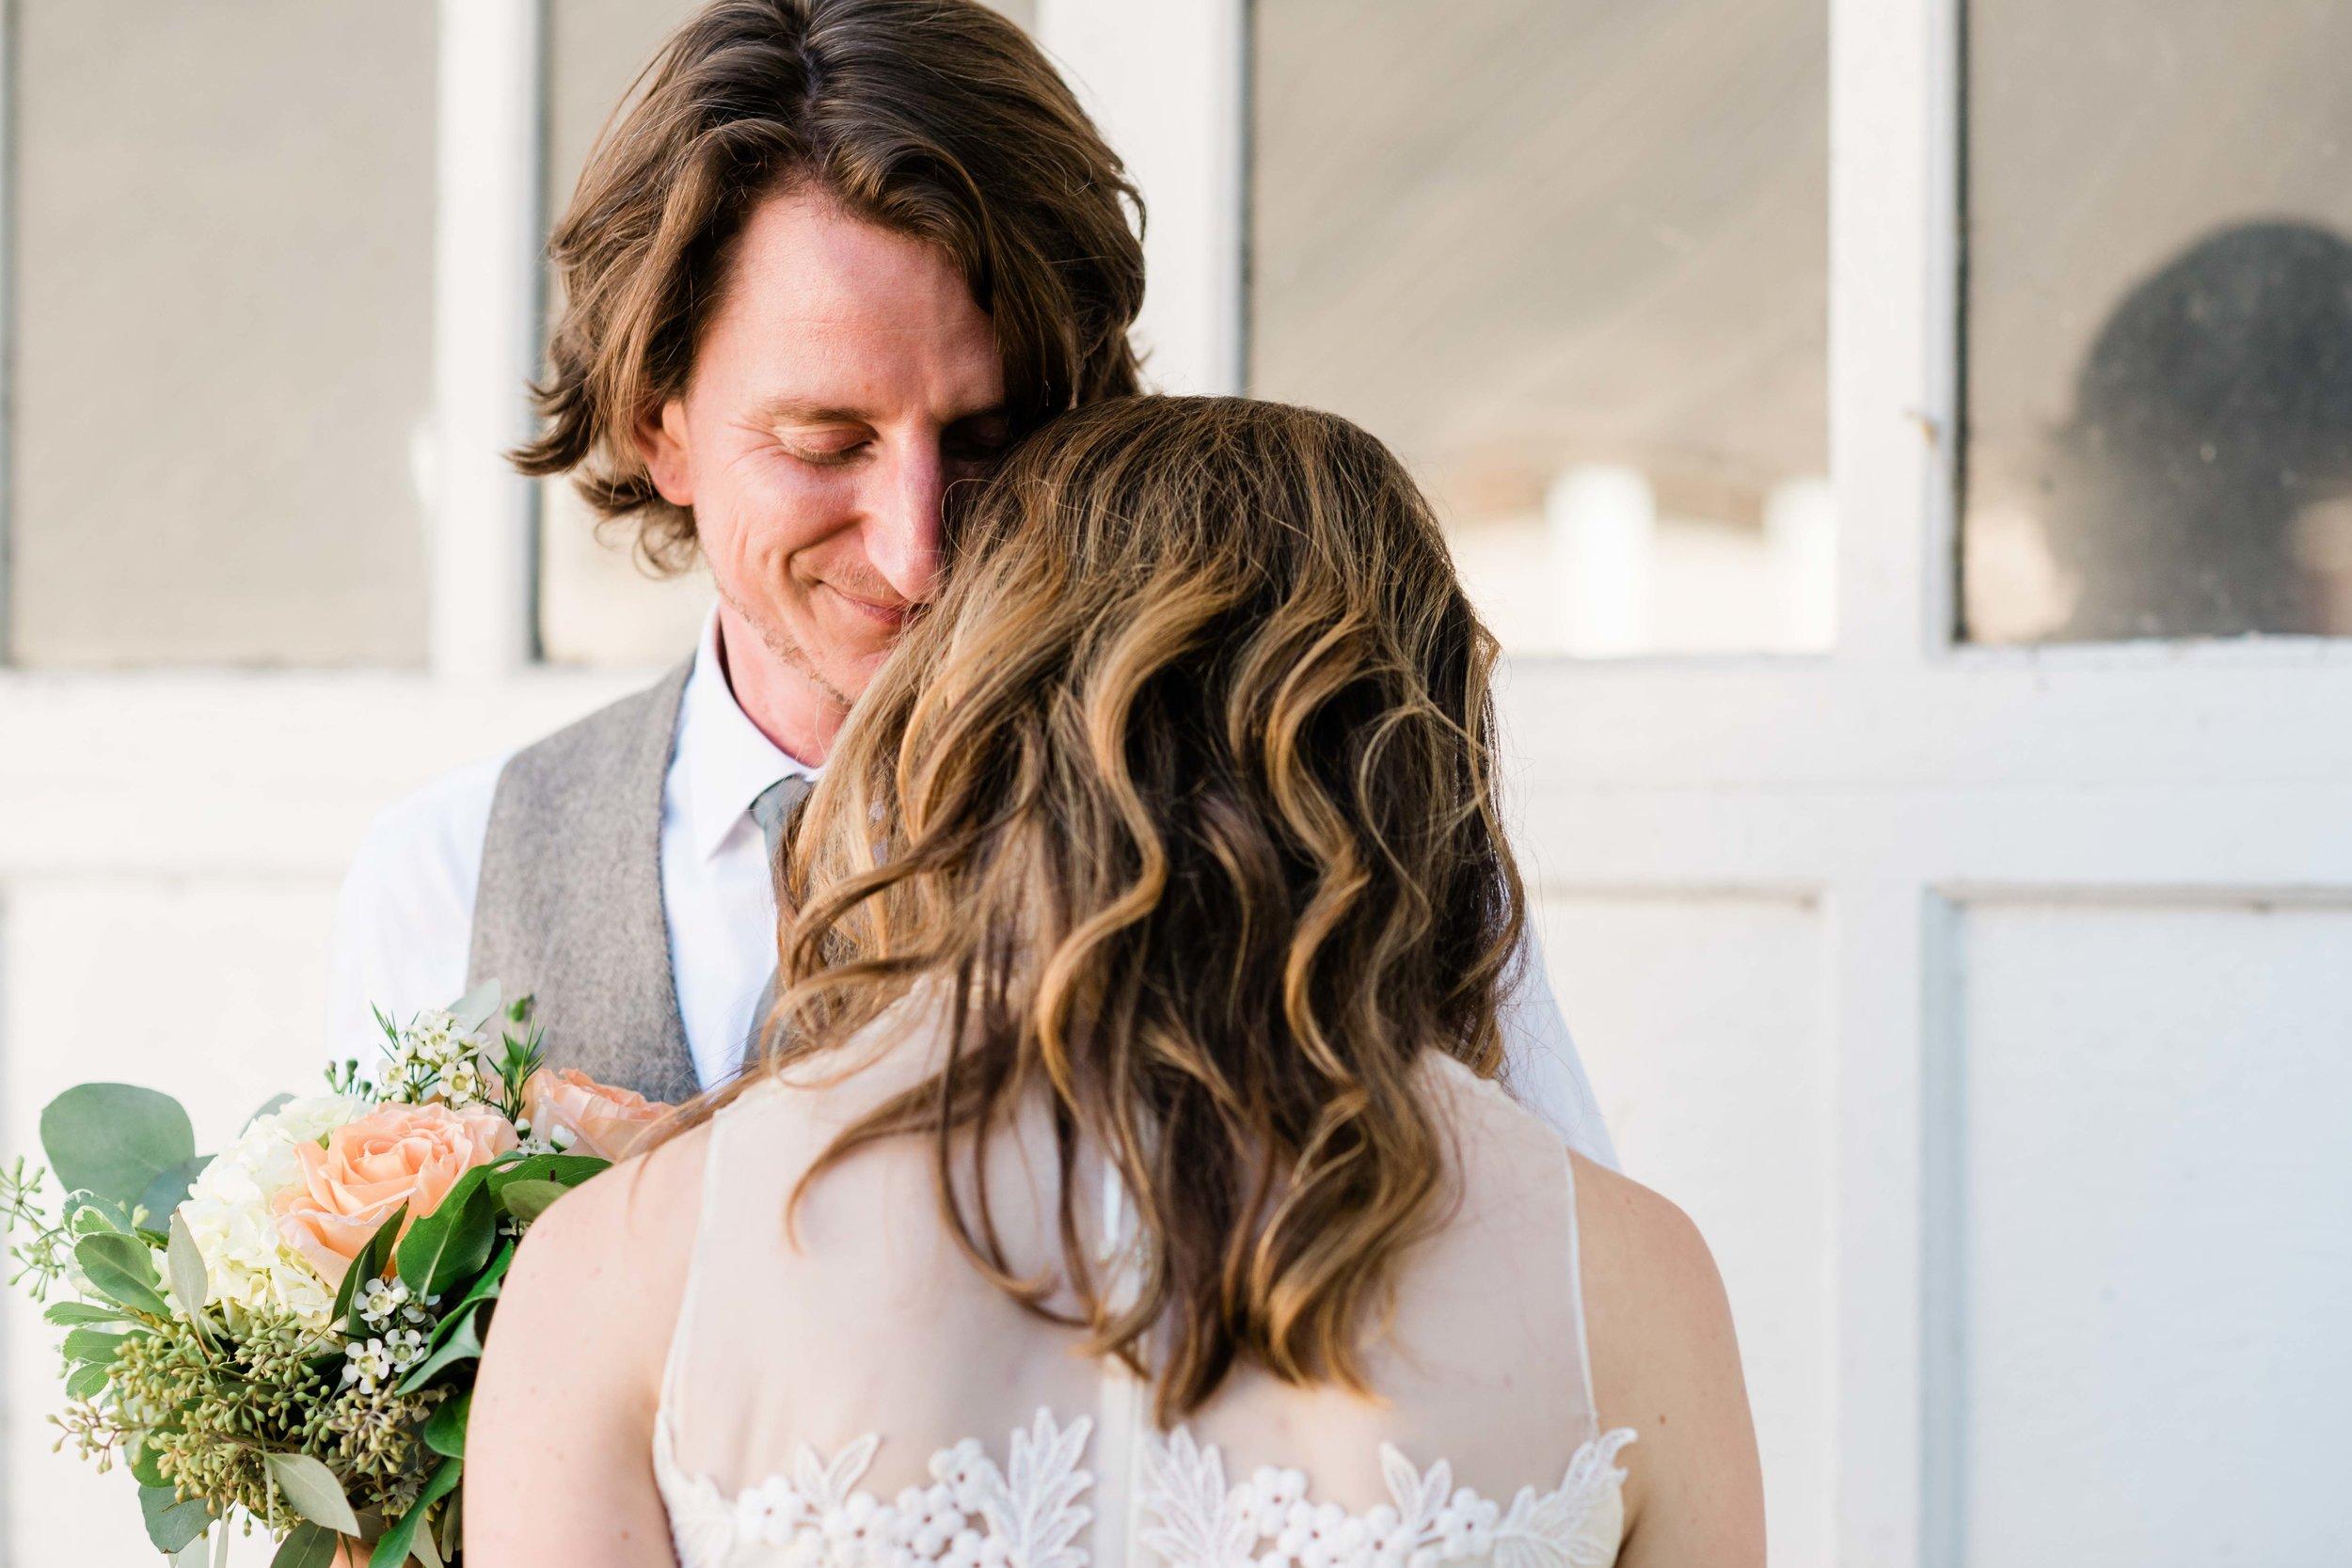 Groom smells bride's hair